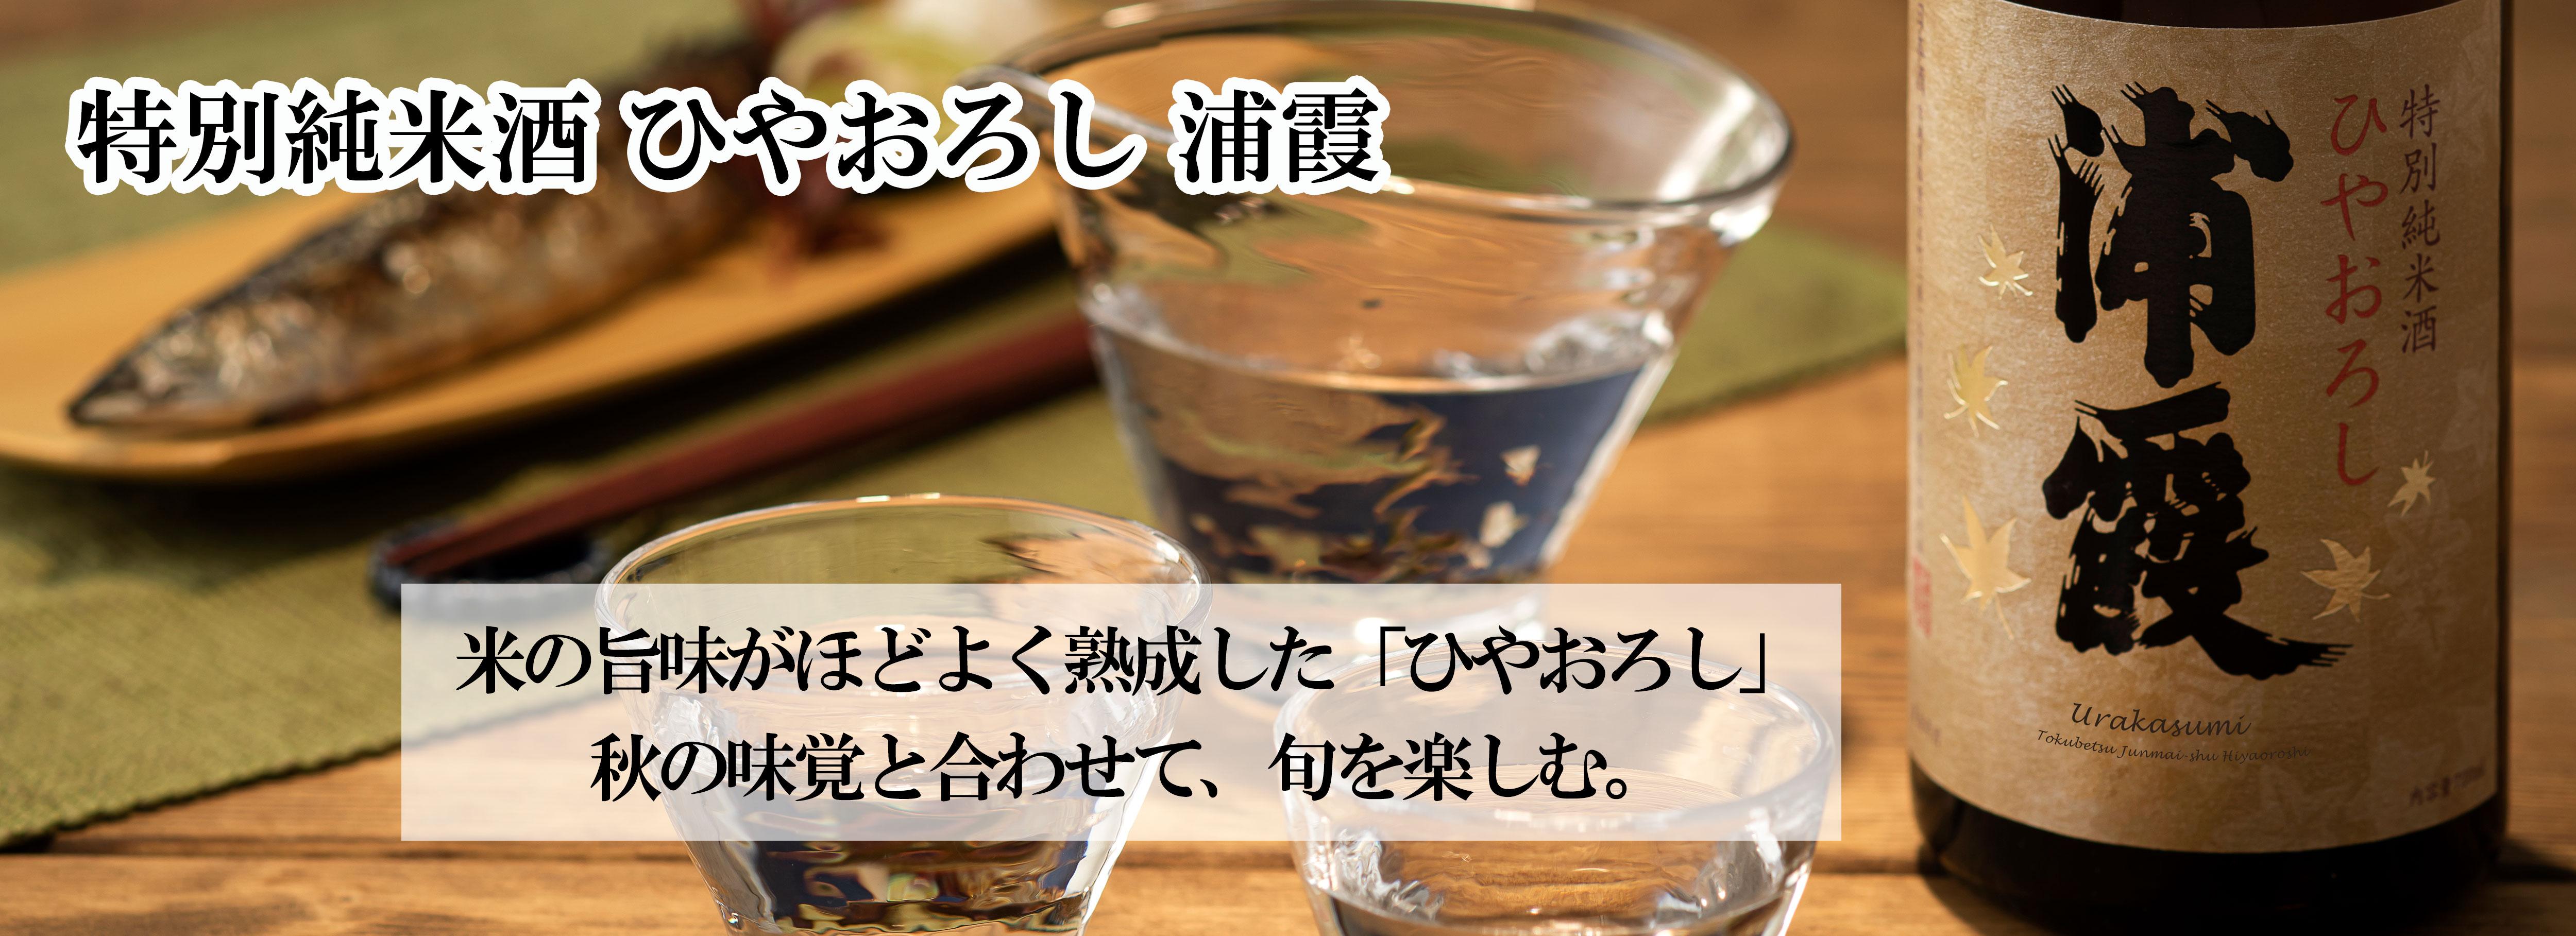 「特別純米酒 ひやおろし 浦霞」季節限定発売